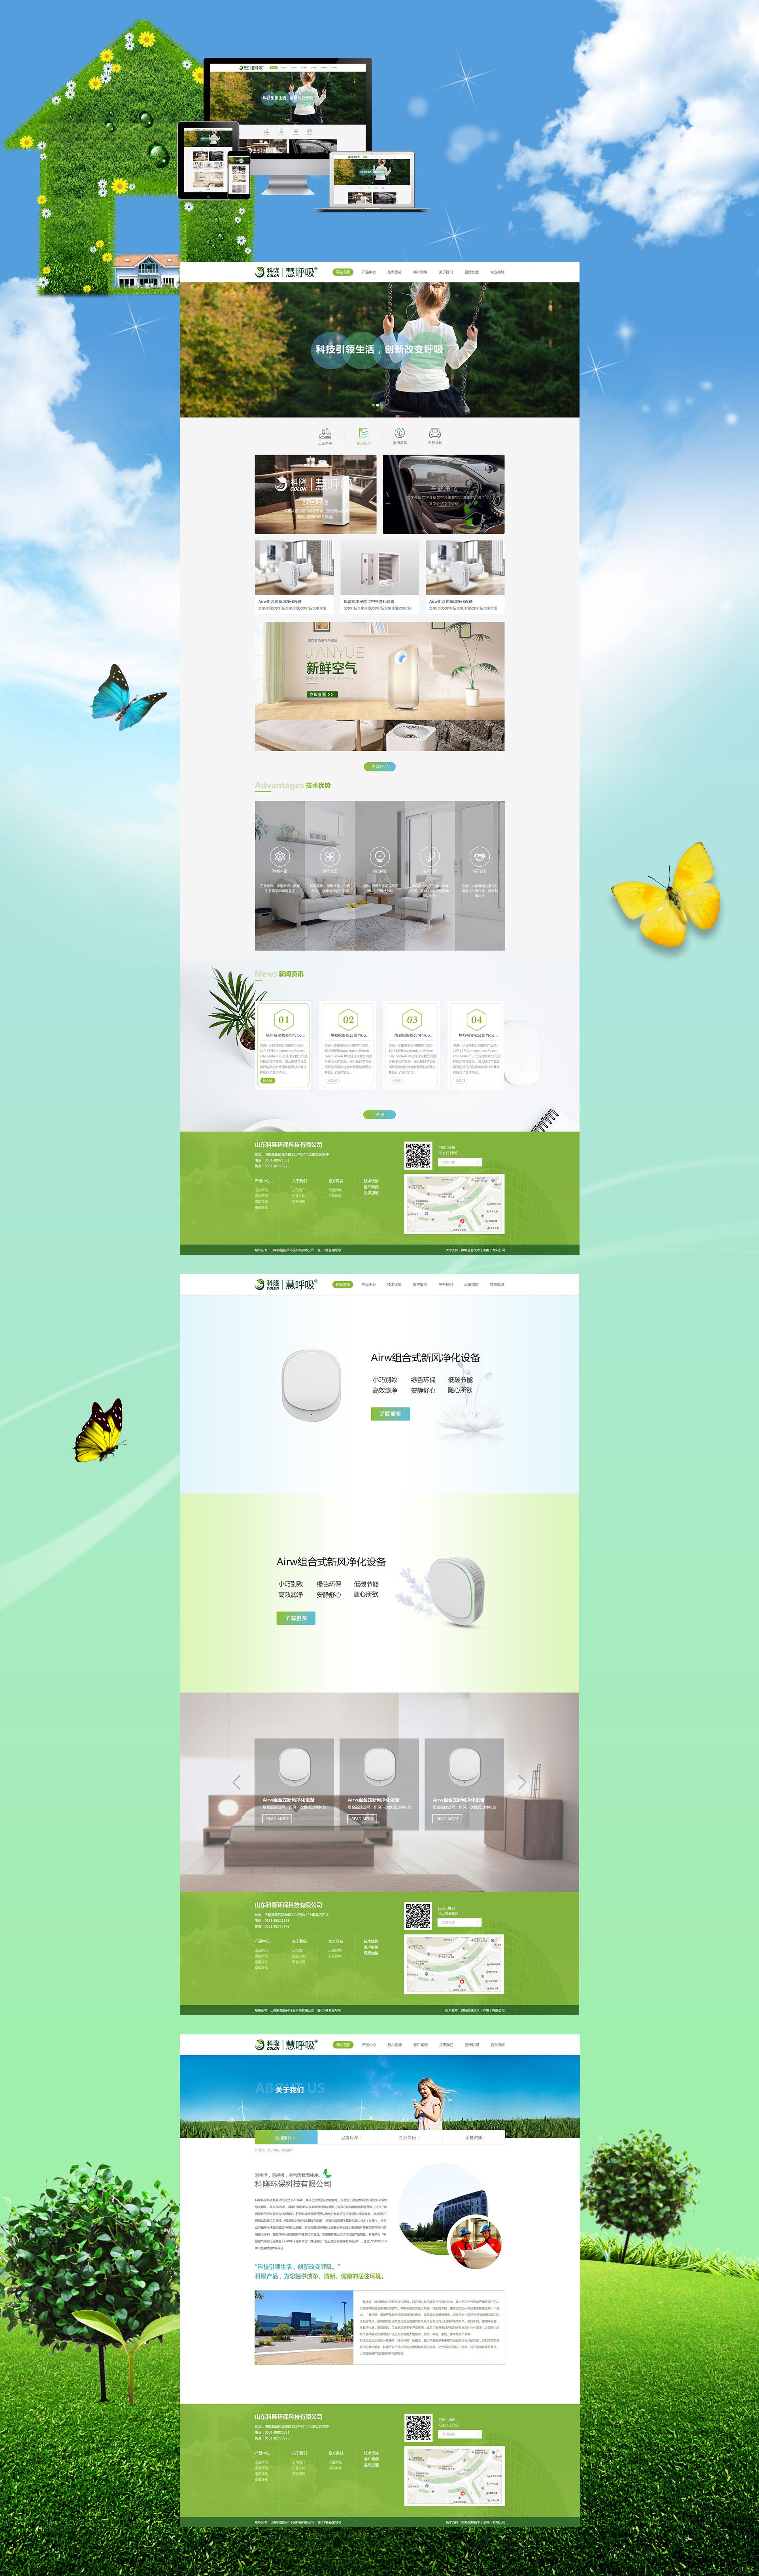 环保网站案例